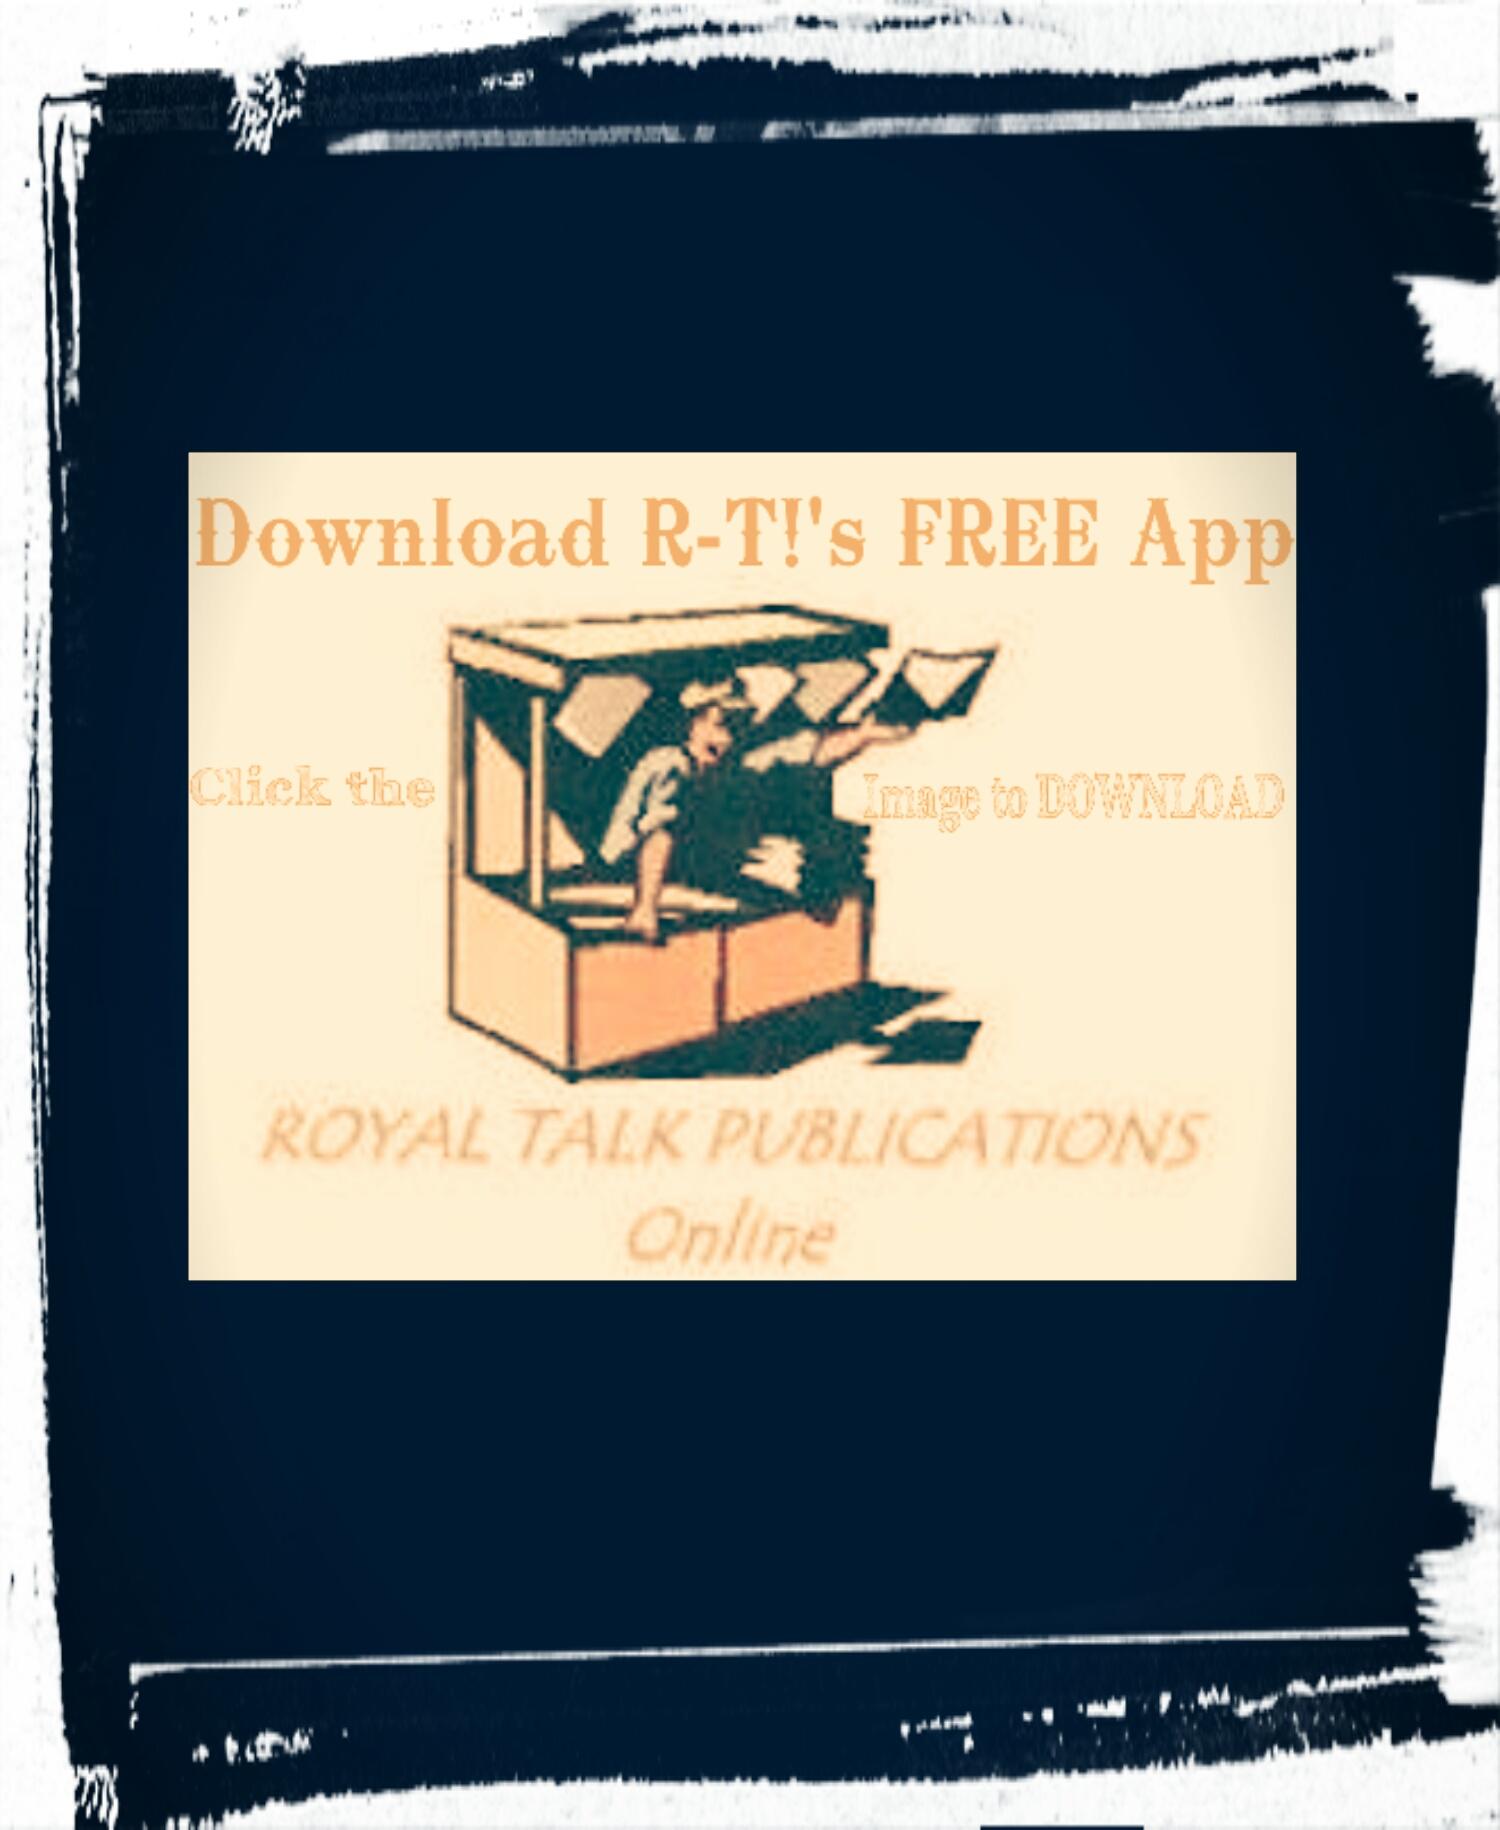 R_T_Mag_App_flyer_2017